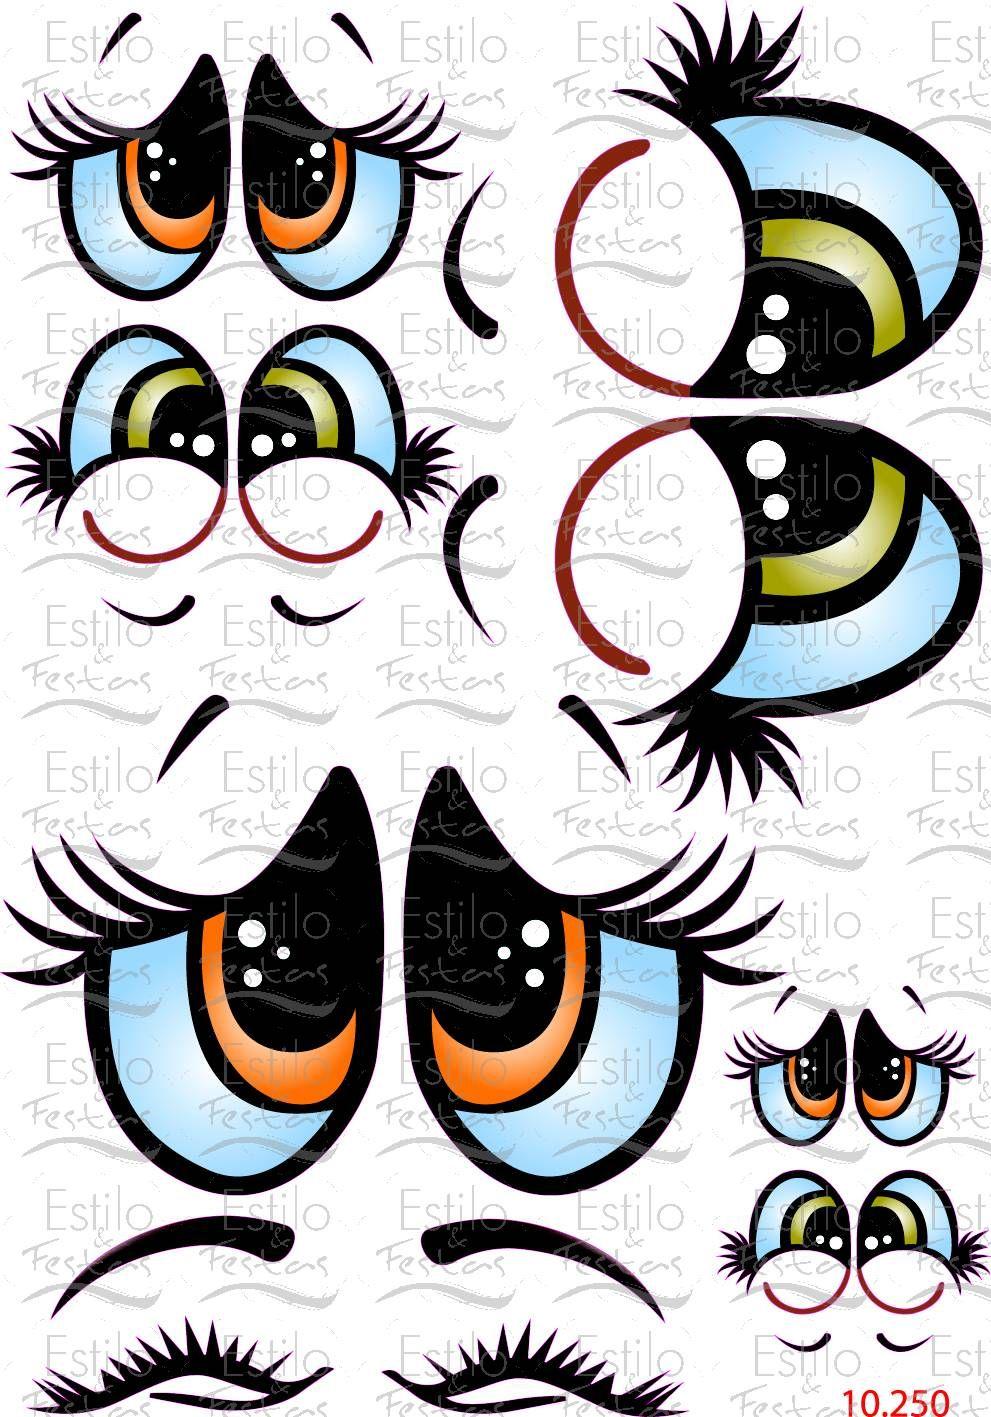 Adesivo Gato De Botas ~ Adesivo para bal u00e3o Cartela Olhos de anjo com Express u00e3o Acessorios para Festas Estilo e Festas